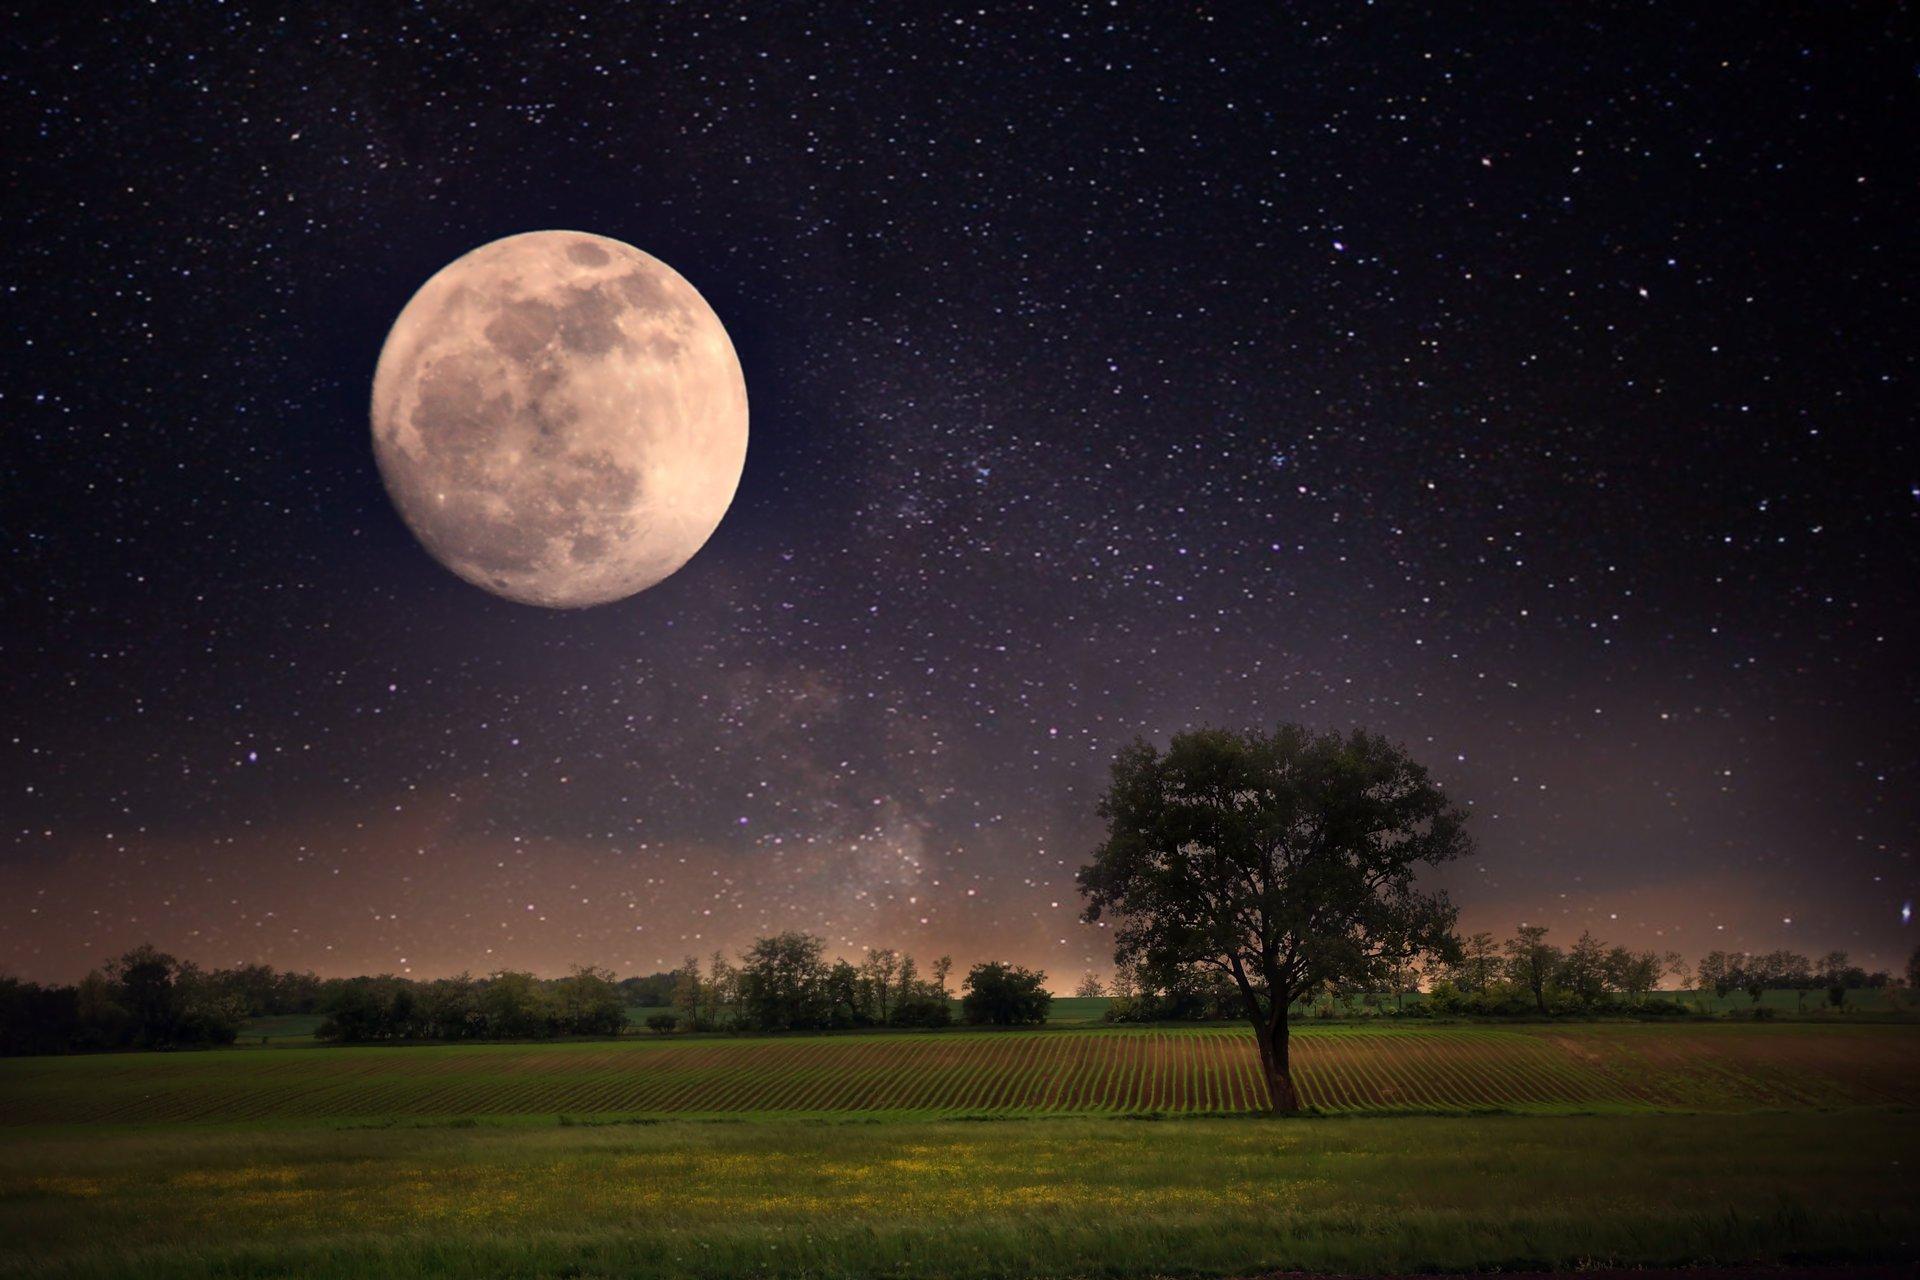 том луна на звездном небе фото высокого разрешения кому еще накликали